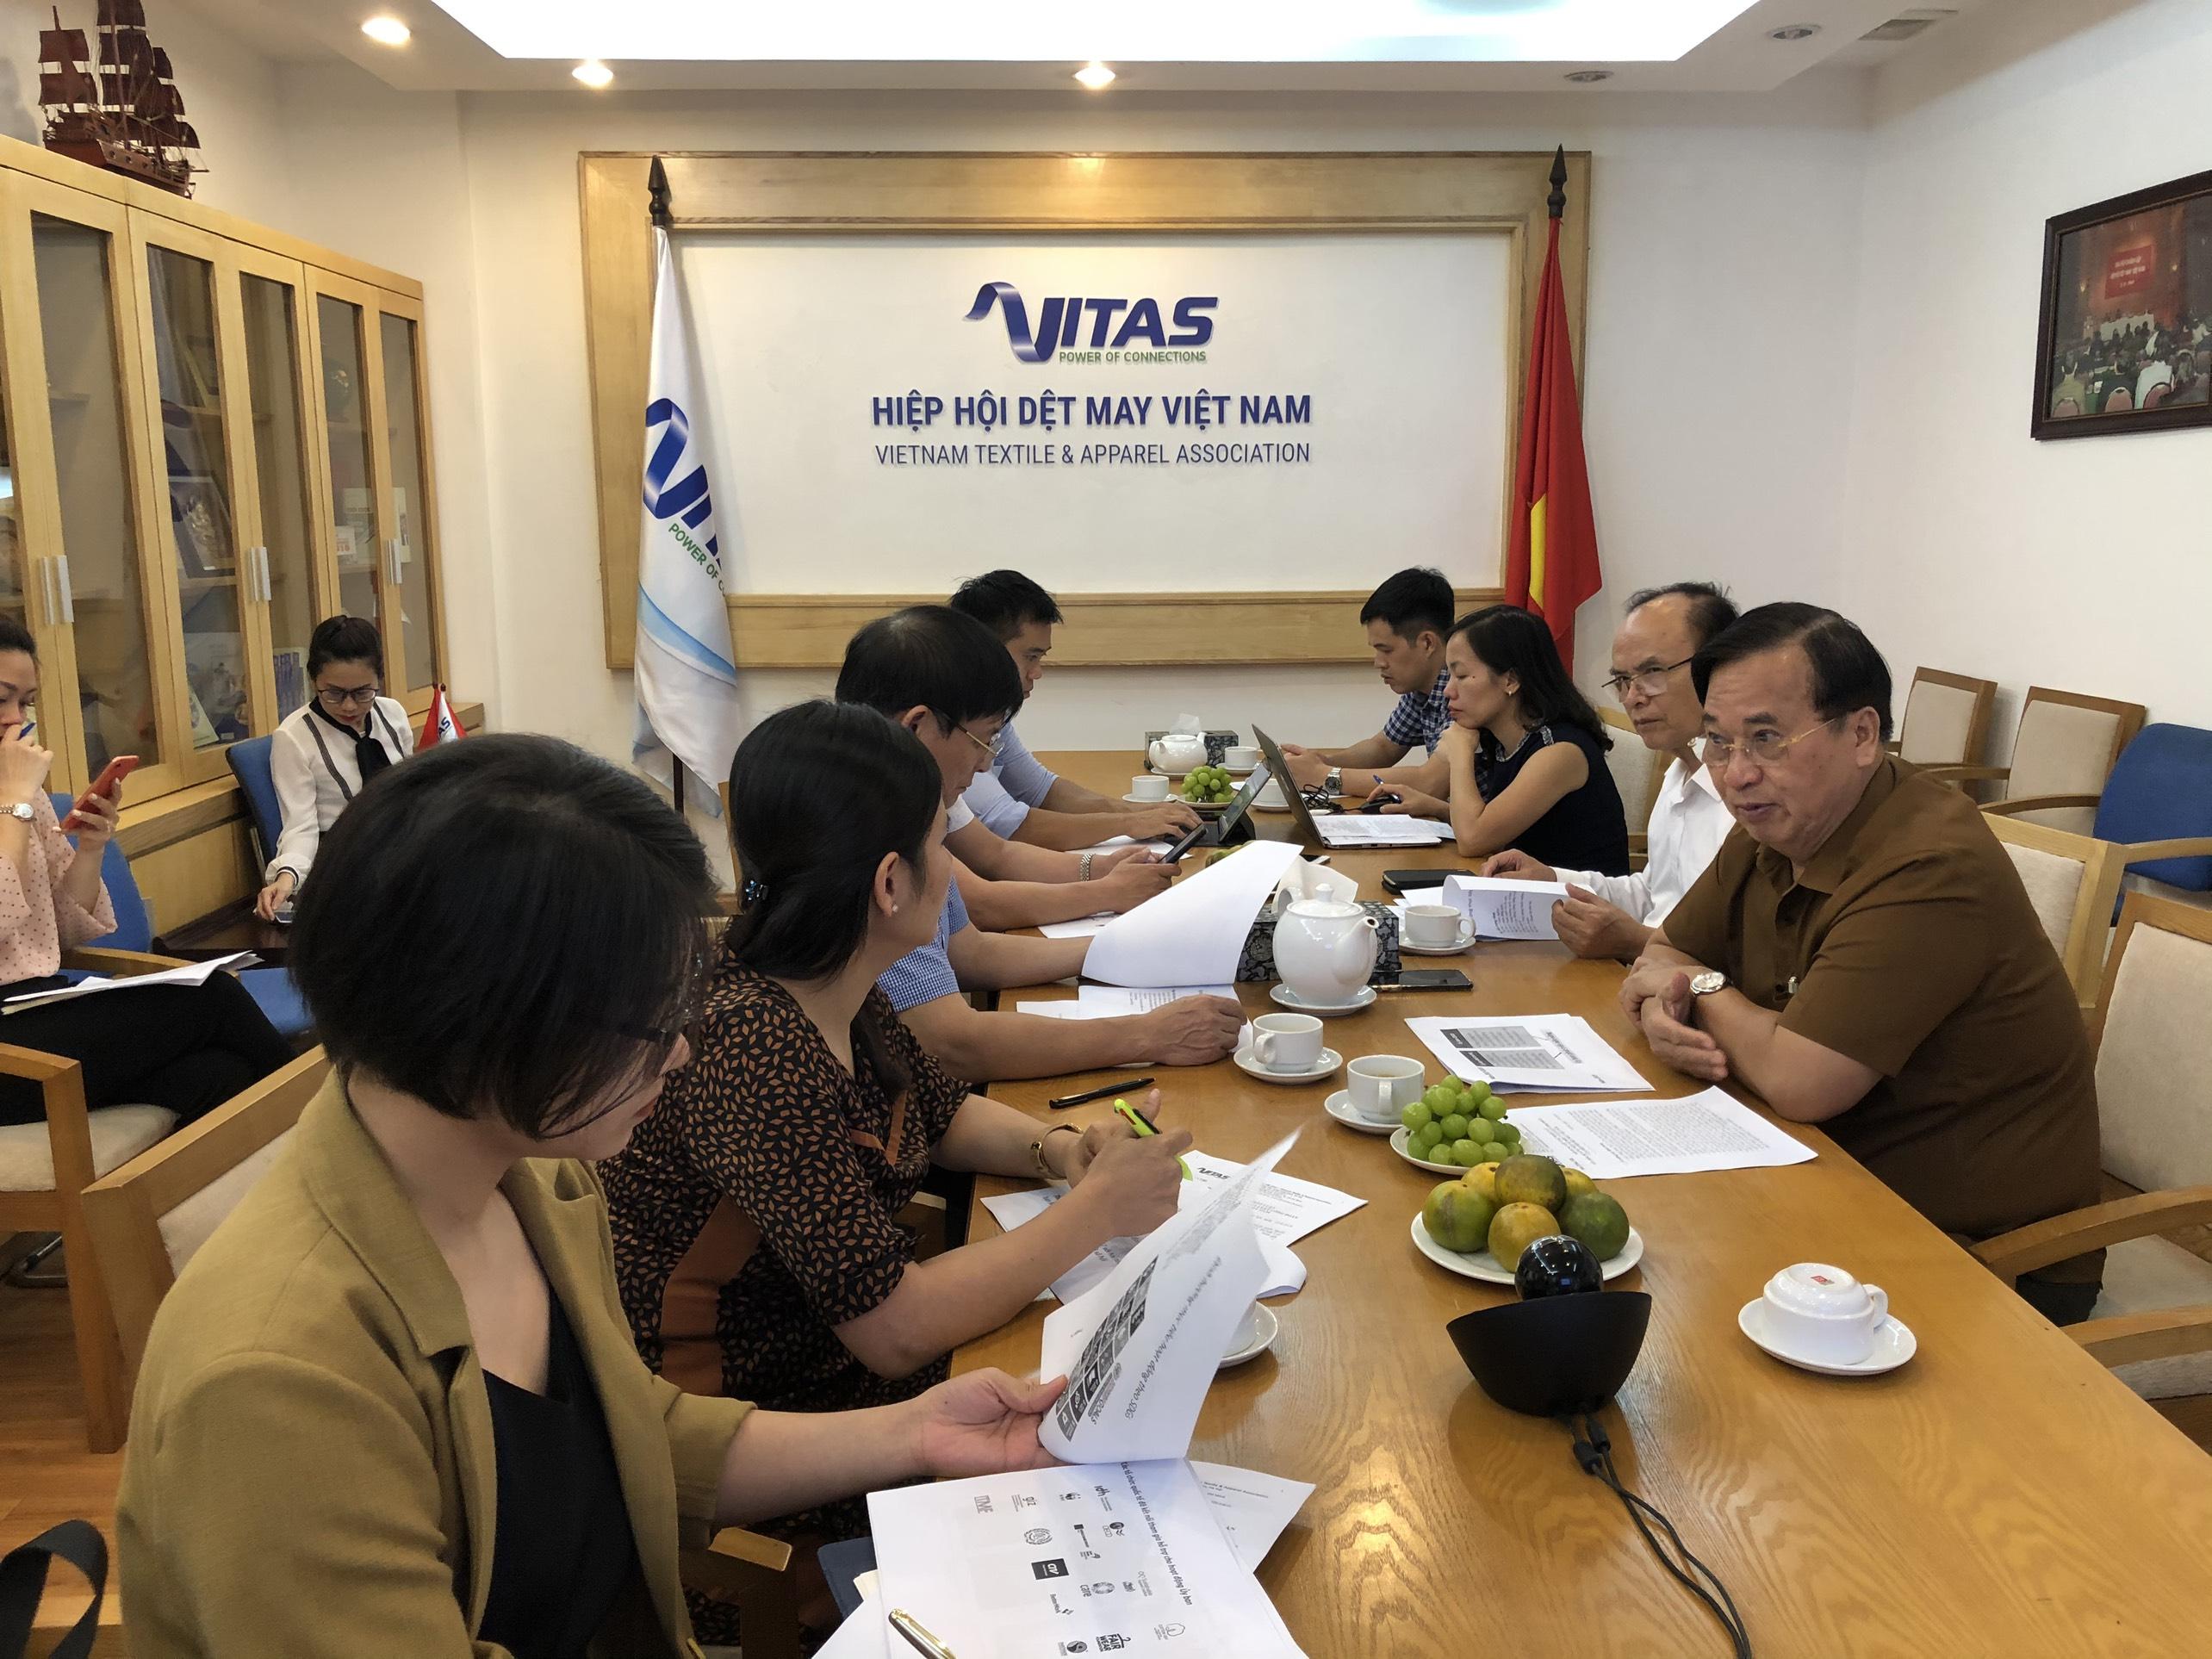 Phiên họp thành viên nòng cốt Ủy ban phát triển bền vững VITAS